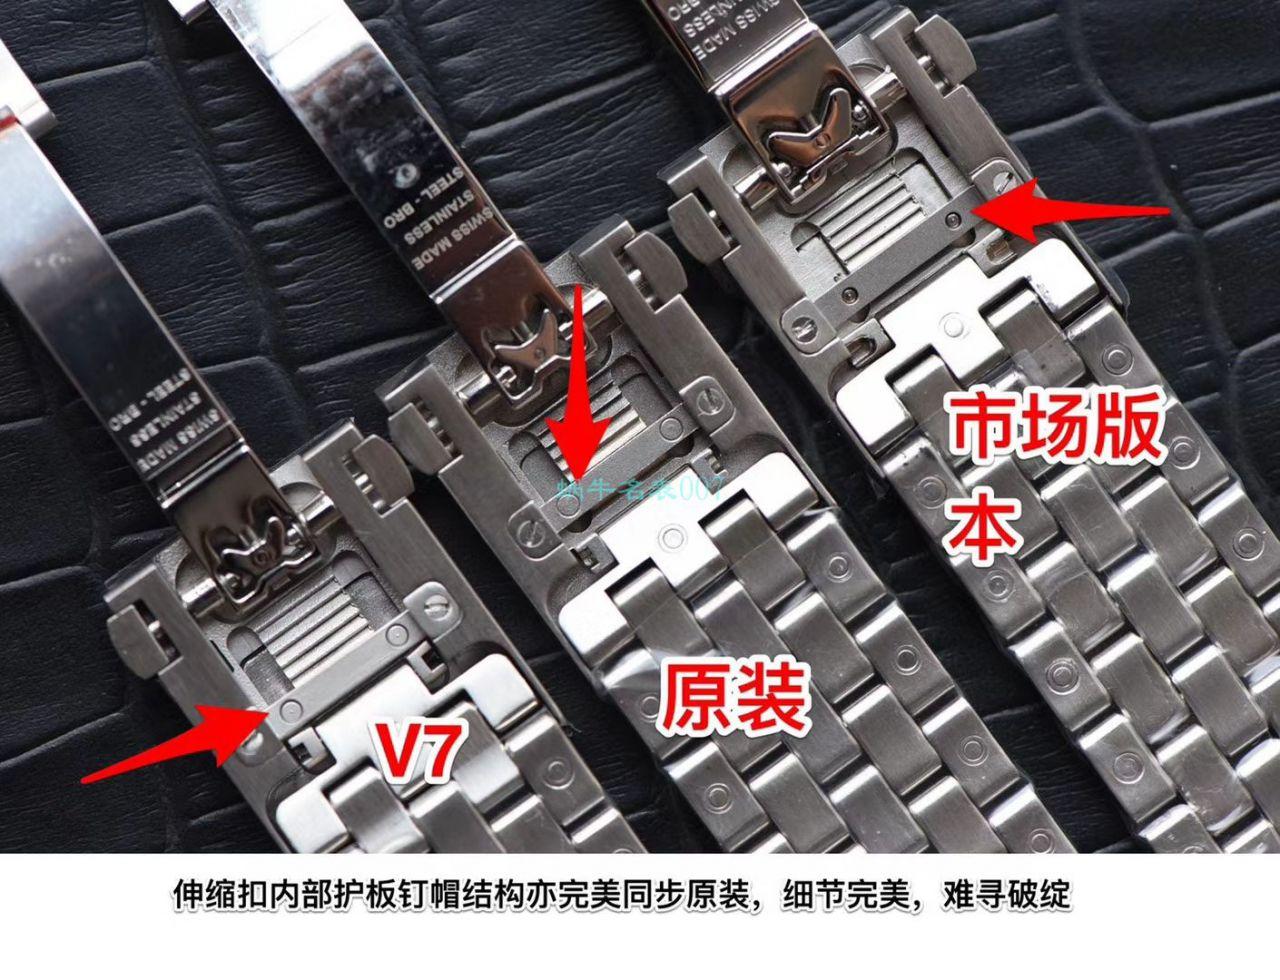 【视频评测最好的超A高仿手表网站】V7厂万国飞行员马克十八小王子IW327014腕表 / WG359V7